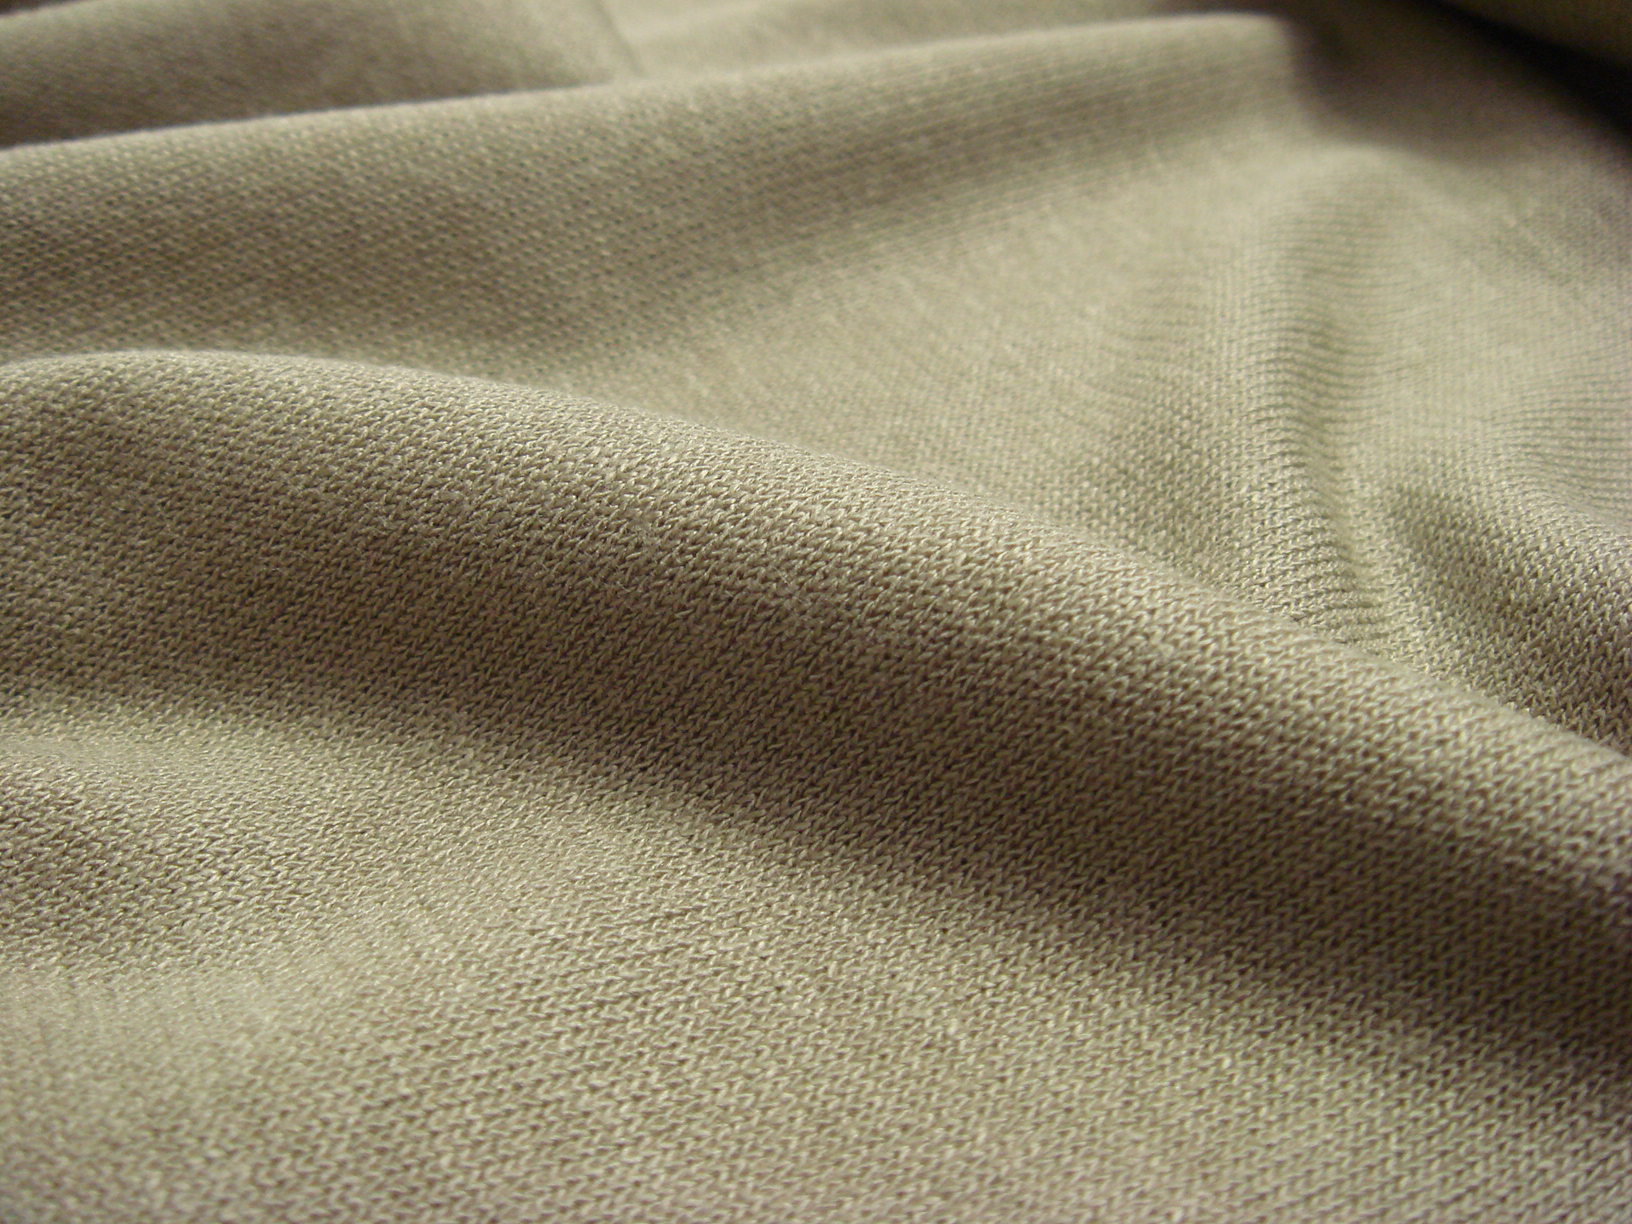 22d5980ce9b Jersey (fabric) - Wikipedia